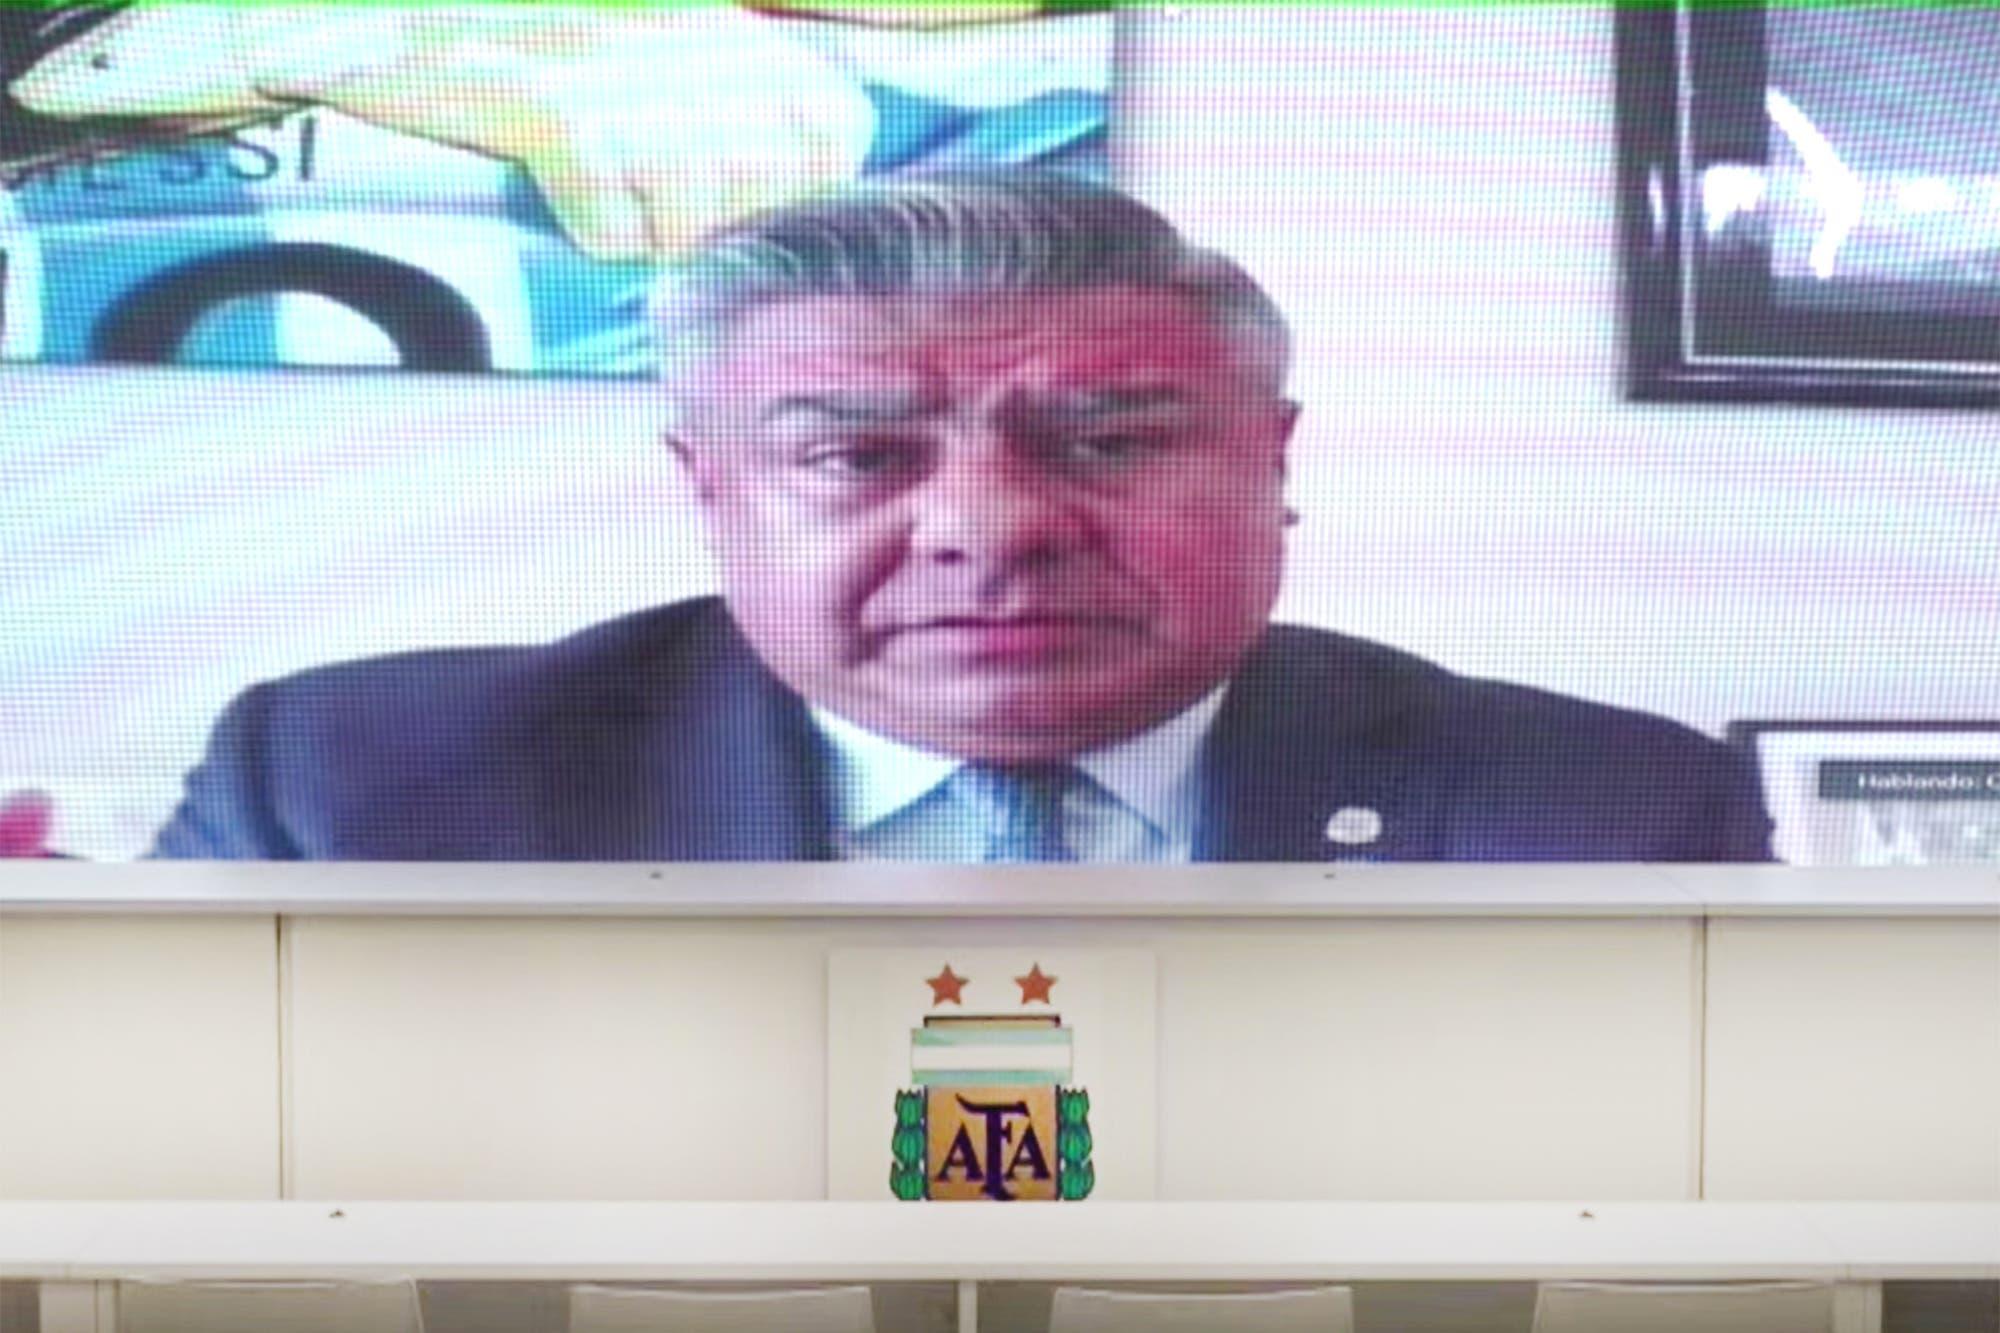 Asamblea virtual de la AFA: Tapia fue elegido presidente hasta 2025 por aclamación y el adiós a la Superliga